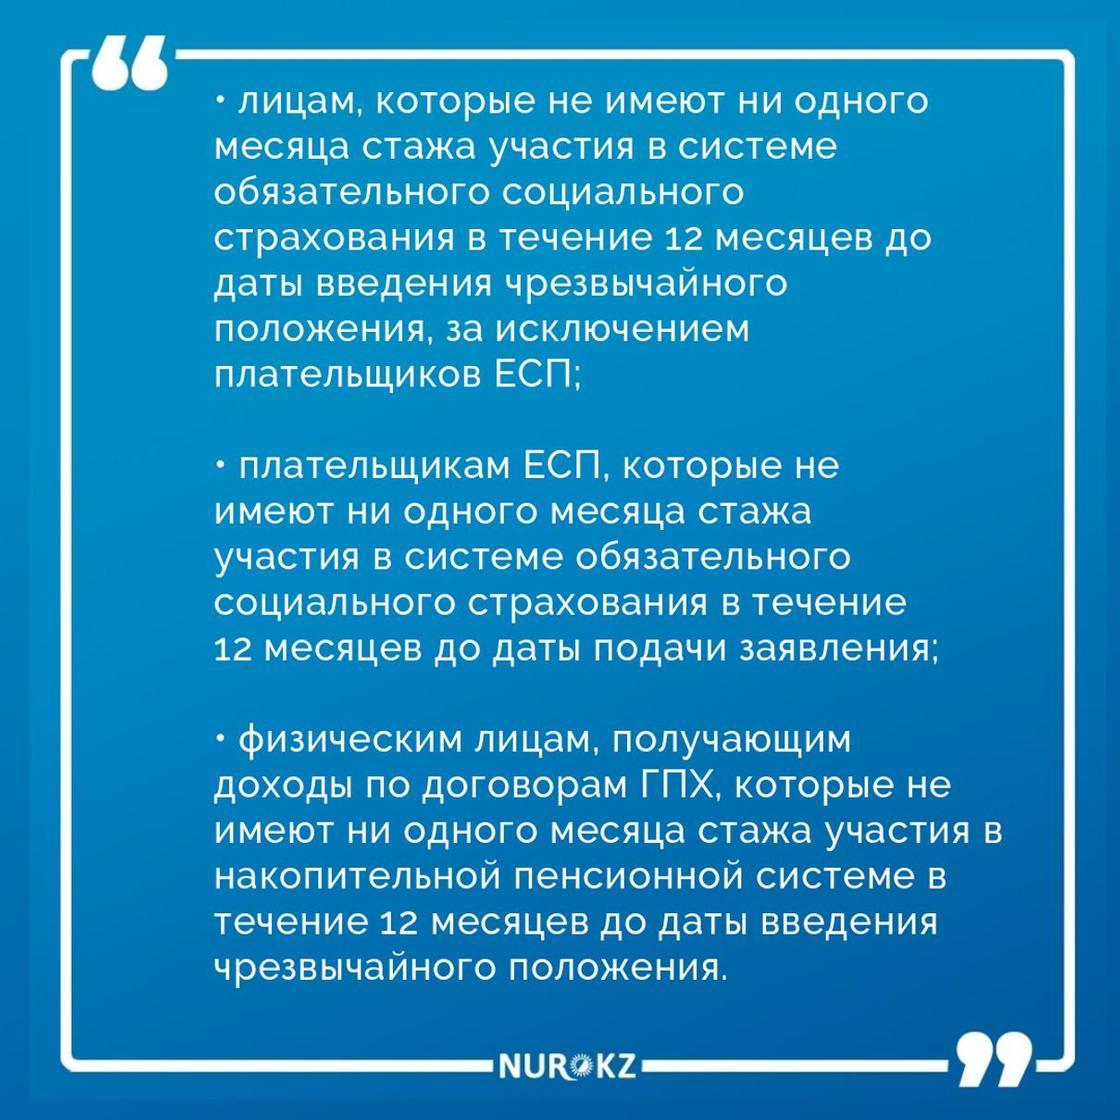 Изменены правила получения 42 500 тенге в Казахстане